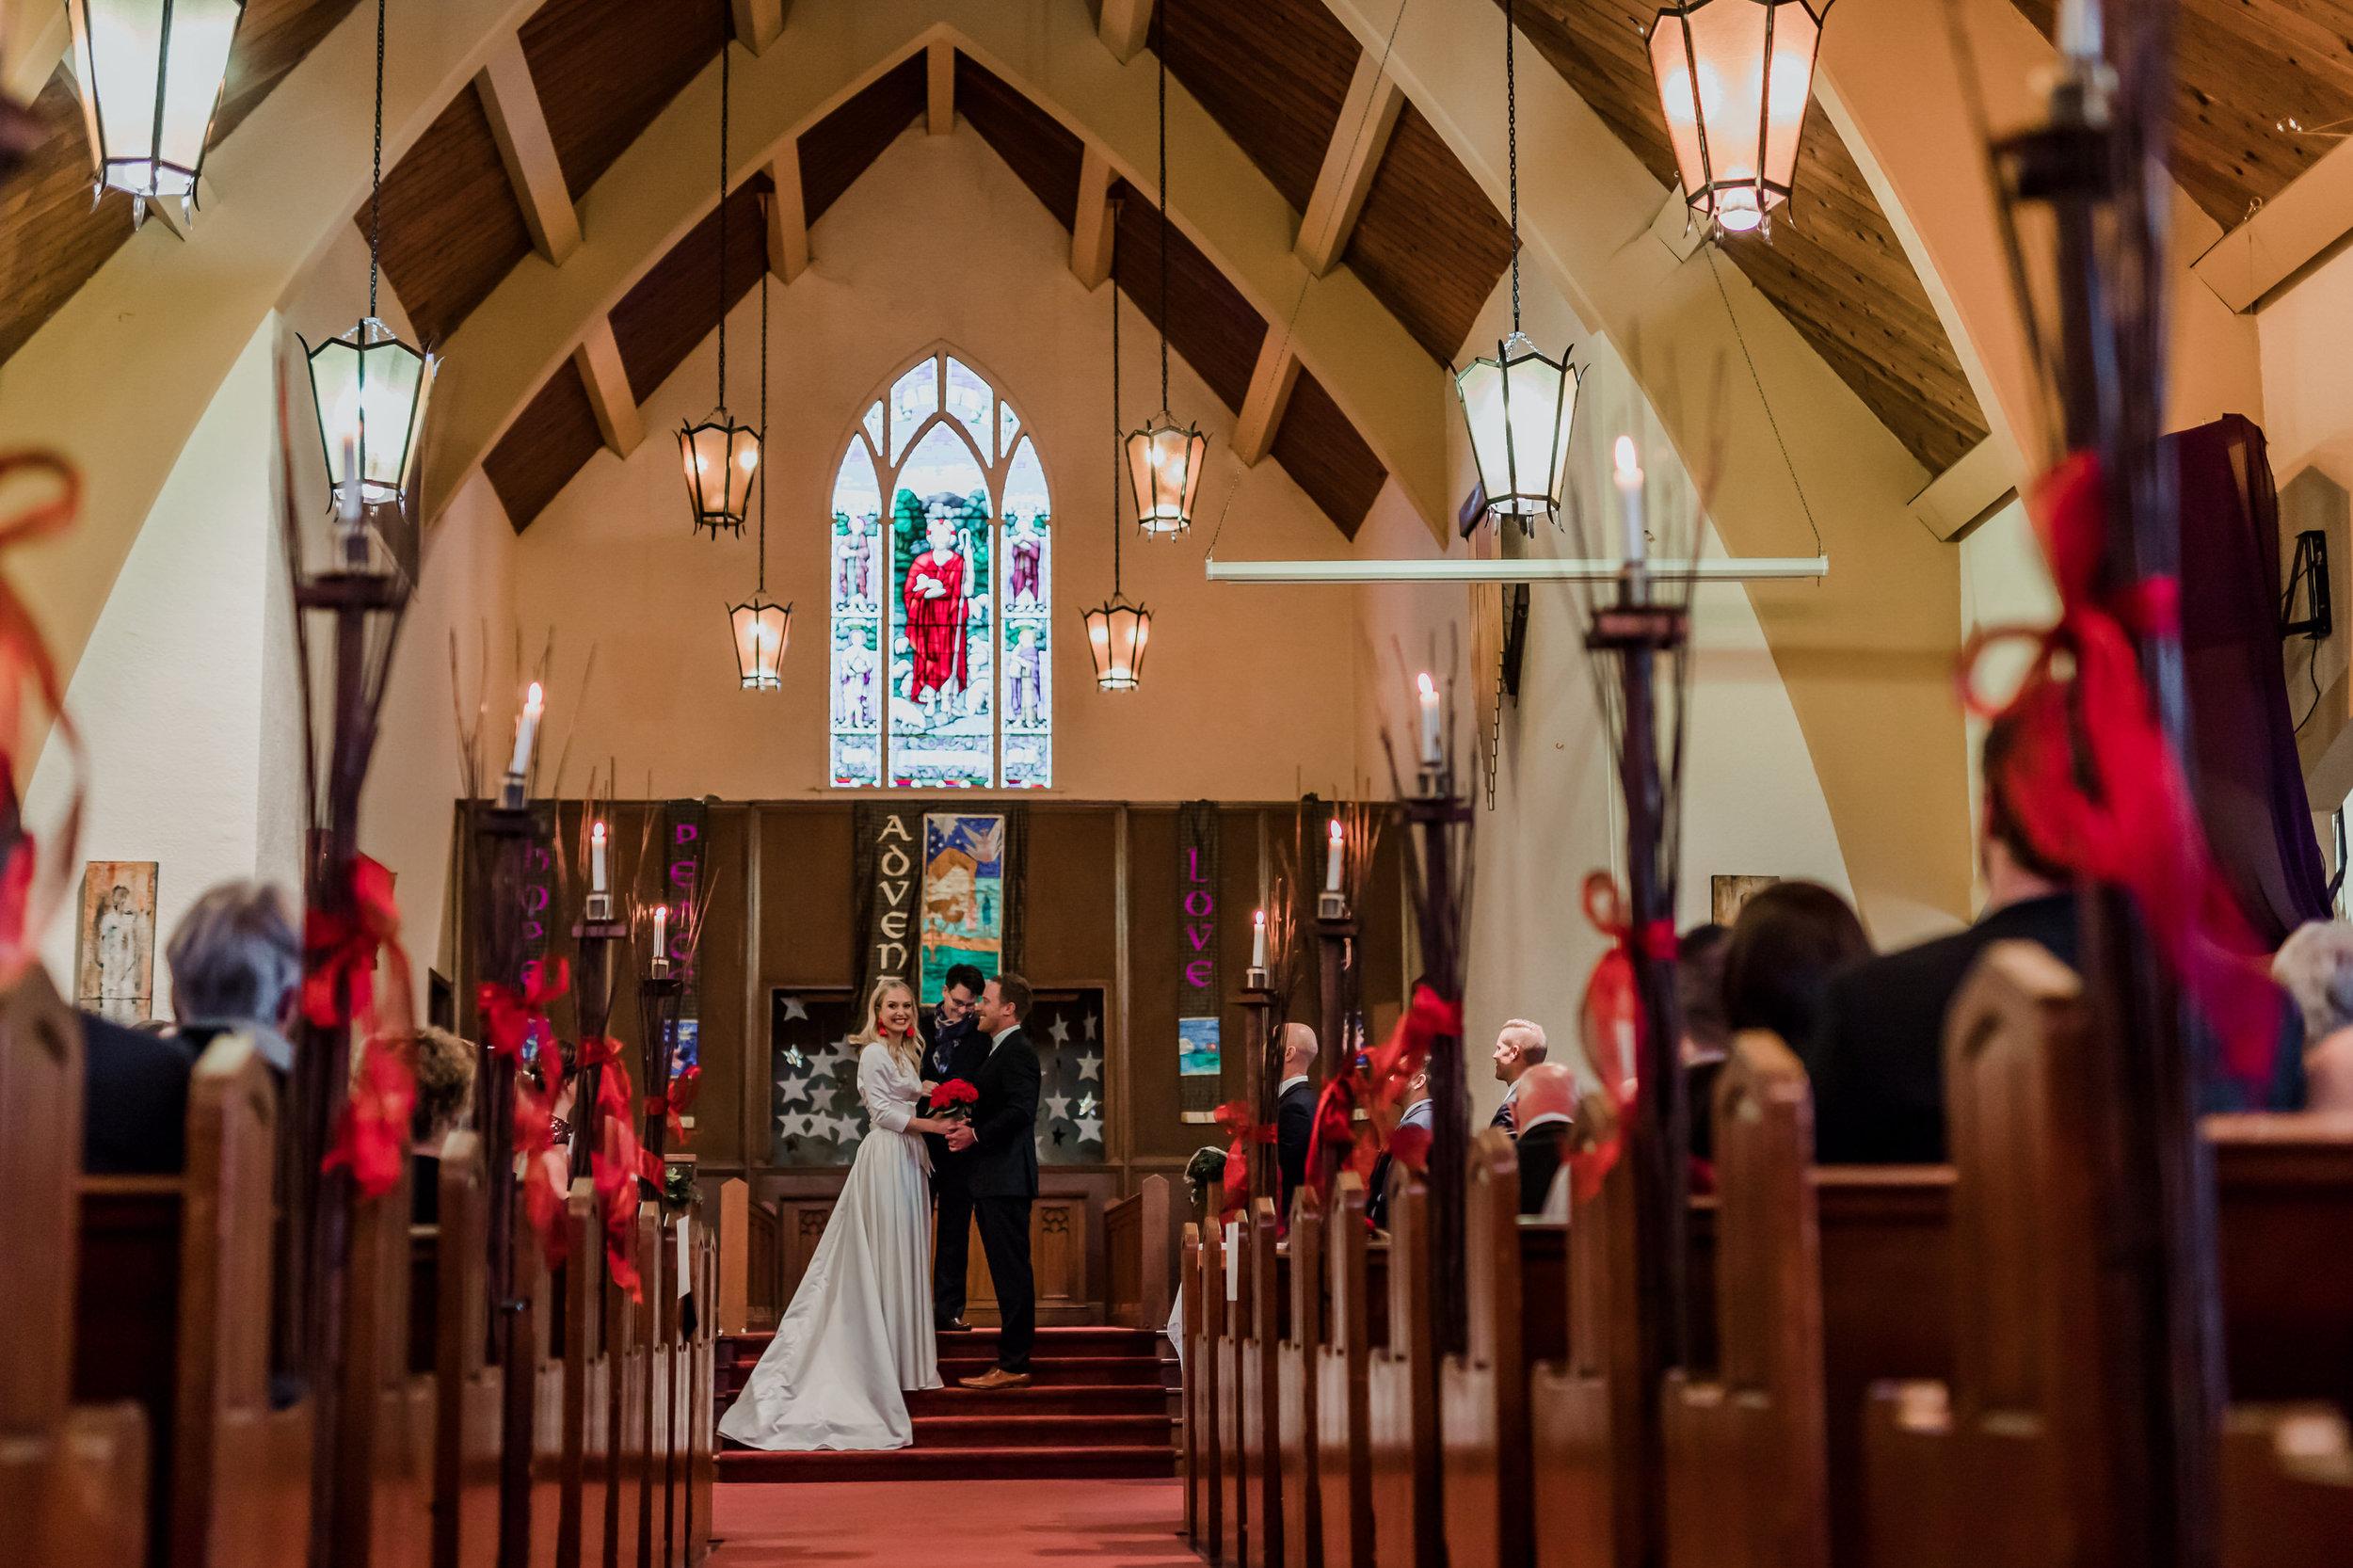 Vancouver New Years Eve Wedding - UBC Boathouse Wedding - Kitsilano Wedding Photos - Vancouver Wedding Photographer - Vancouver Wedding Videographer - 901.JPG